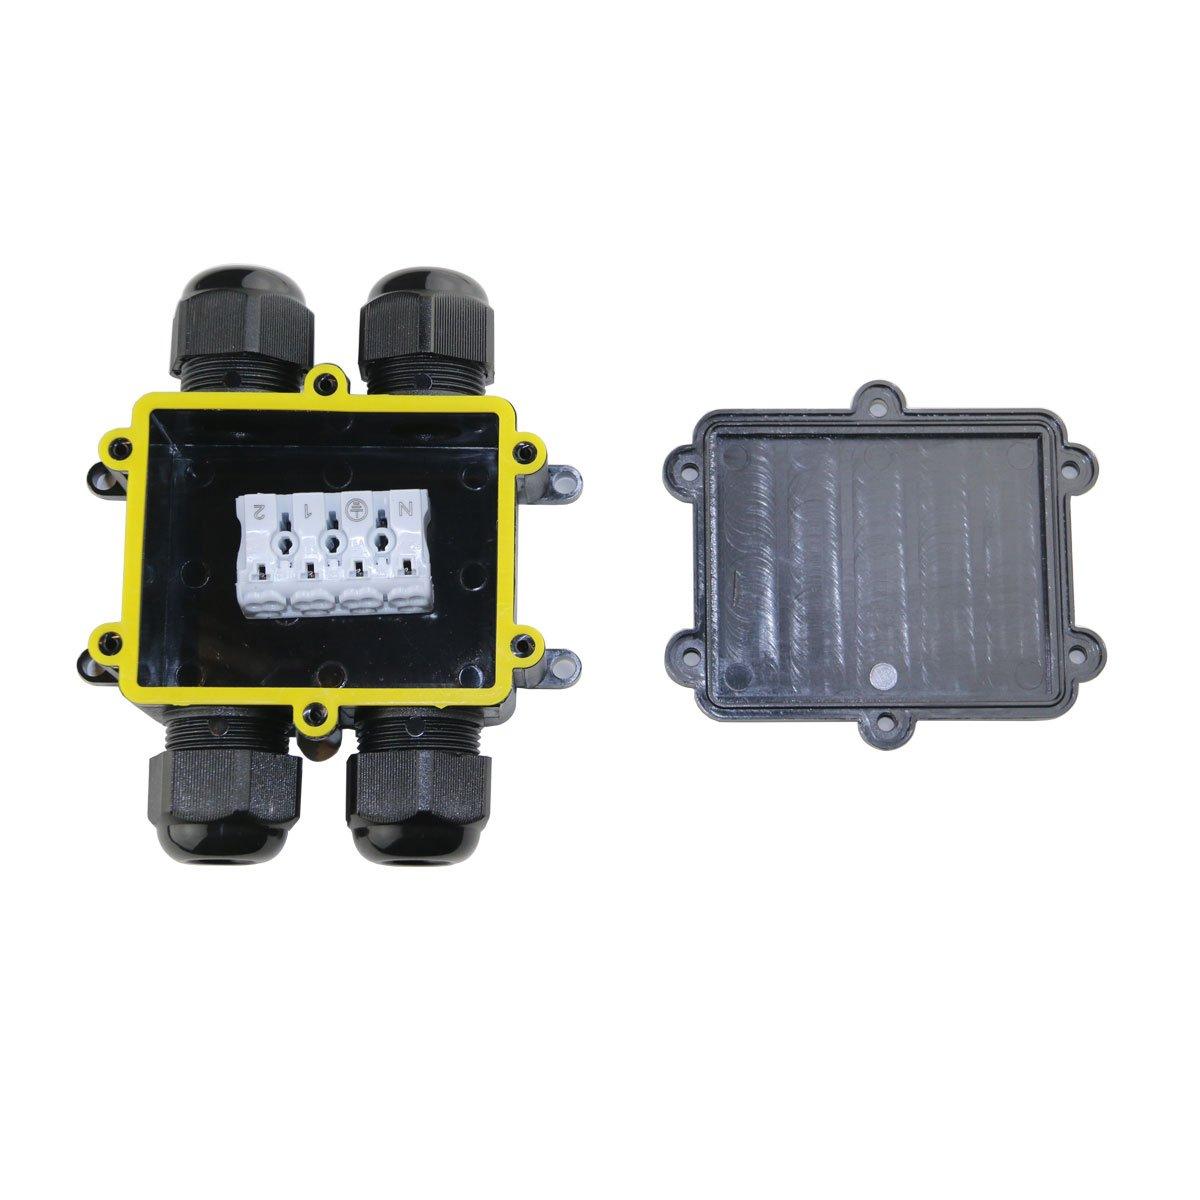 resistente al agua fijo IP66/compartimento de 2 vbled Caja de conexi/ón de cable conector empalmes